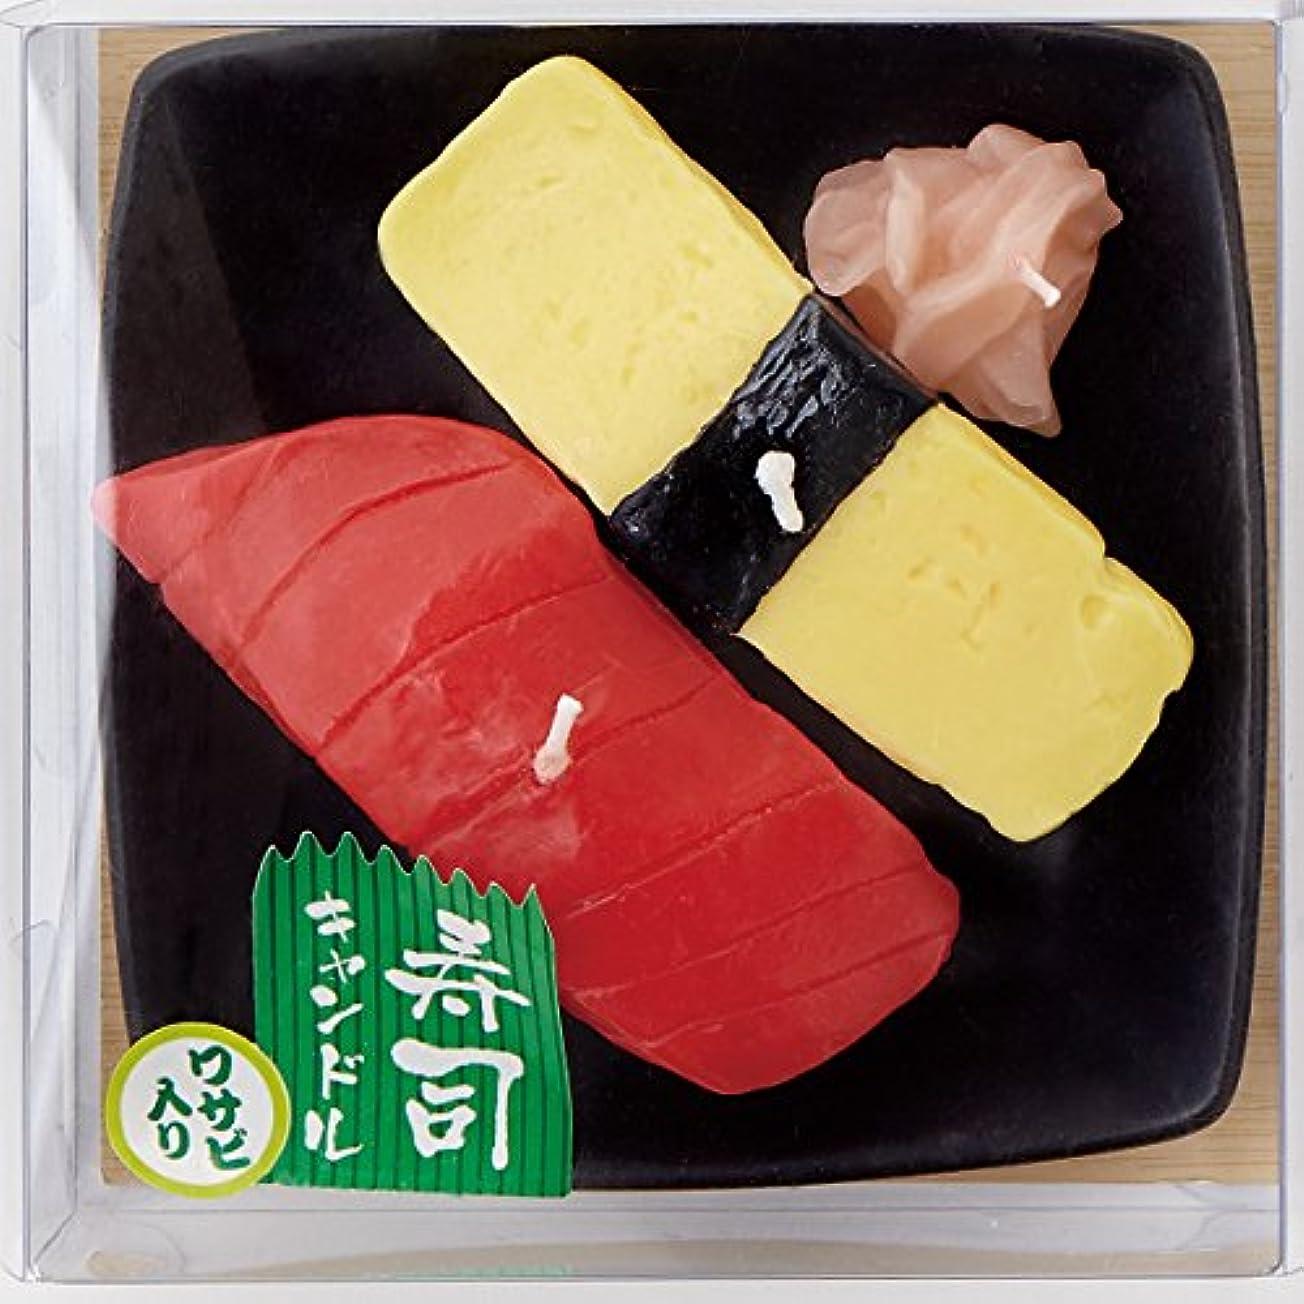 航空便膨張するくしゃくしゃ寿司キャンドル A(マグロ?玉子) サビ入